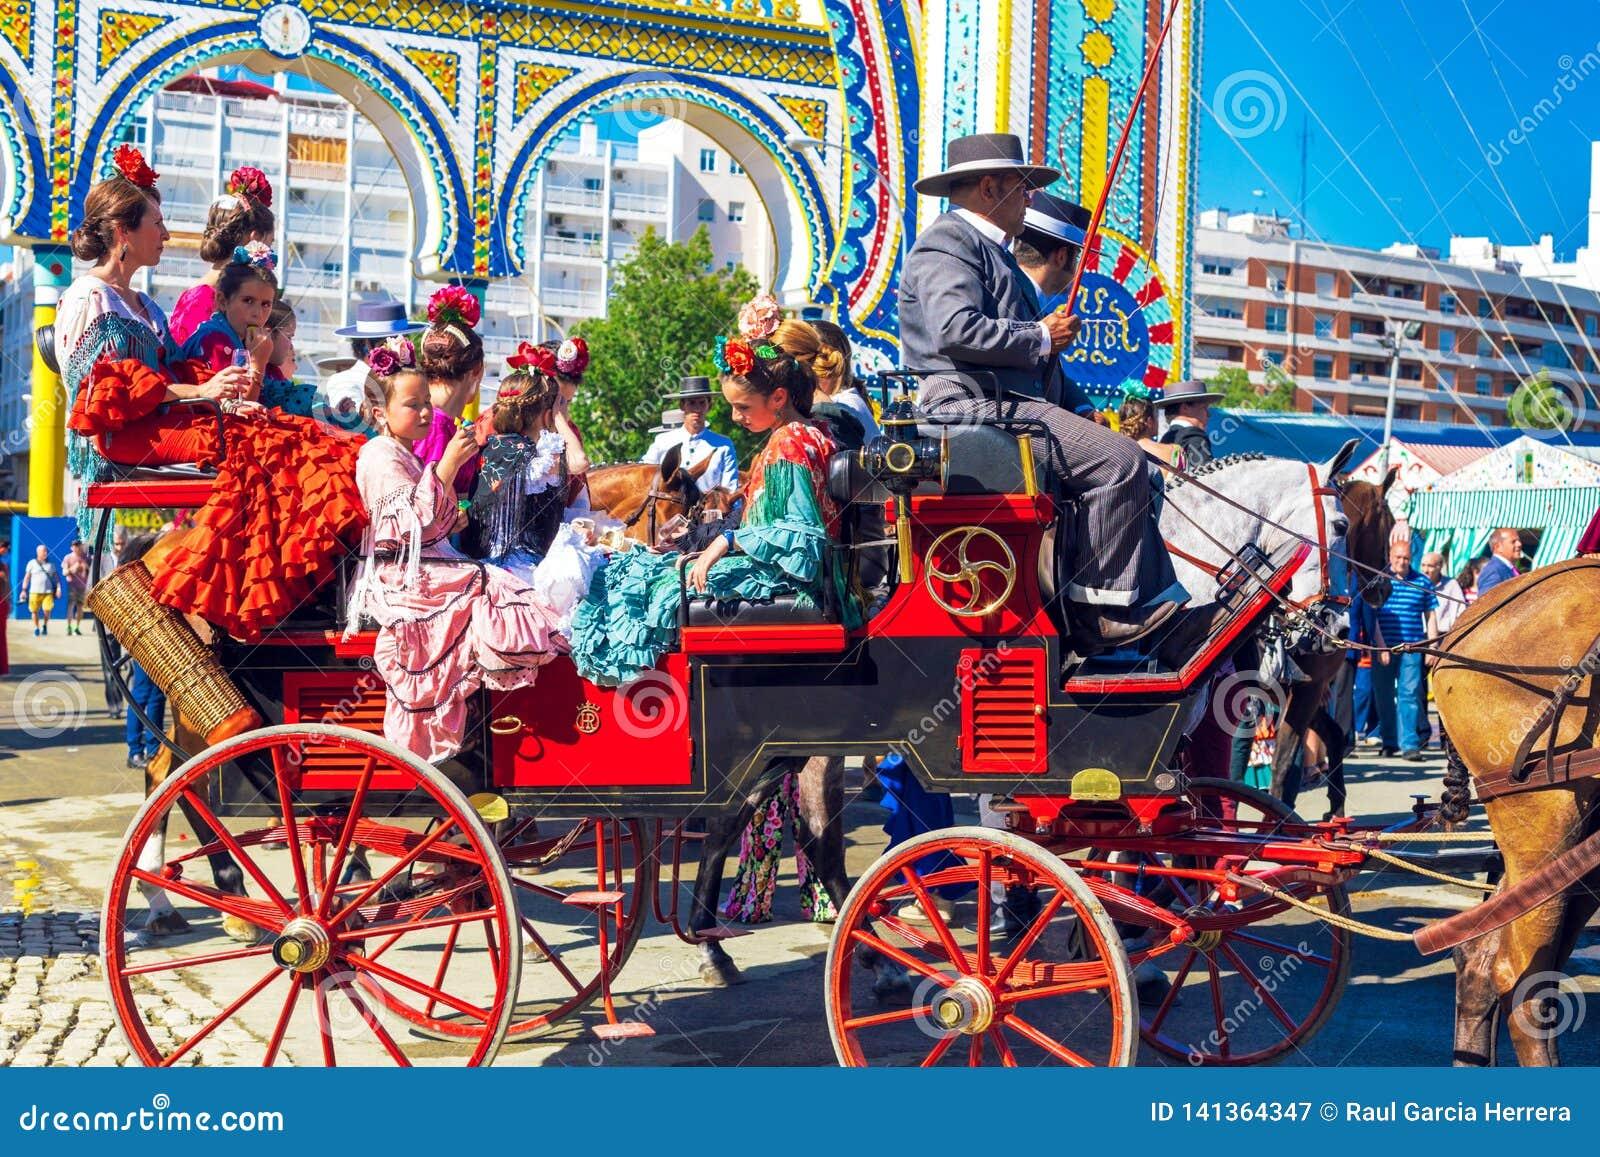 Famílias espanholas no vestido tradicional e colorido que viaja no transportes puxados a cavalo em April Fair, feira de Sevilha